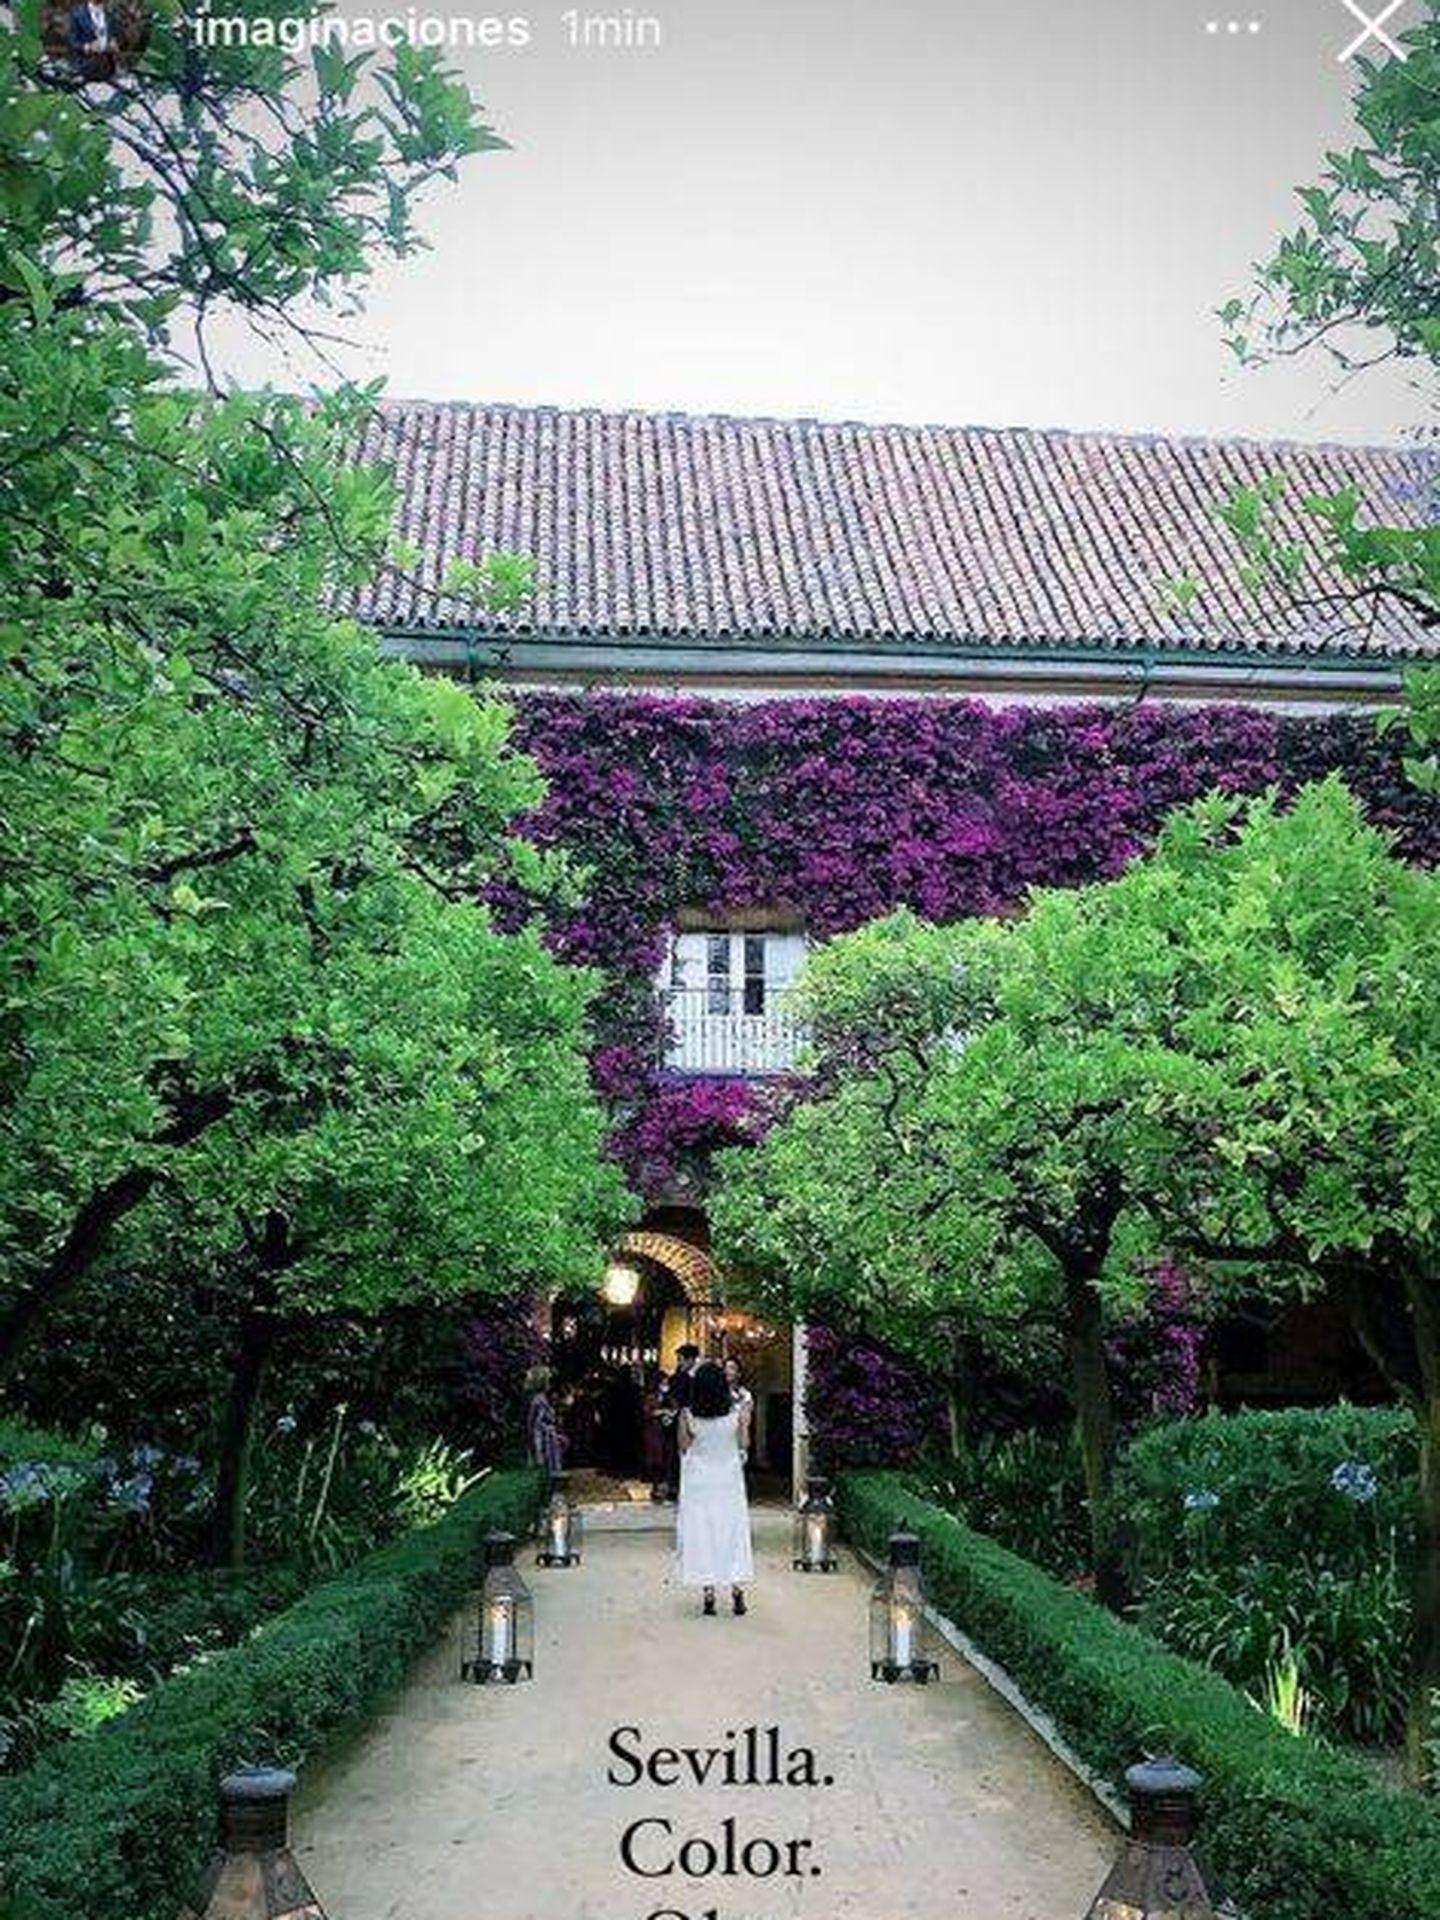 Palacio de Dueñas. (IG)